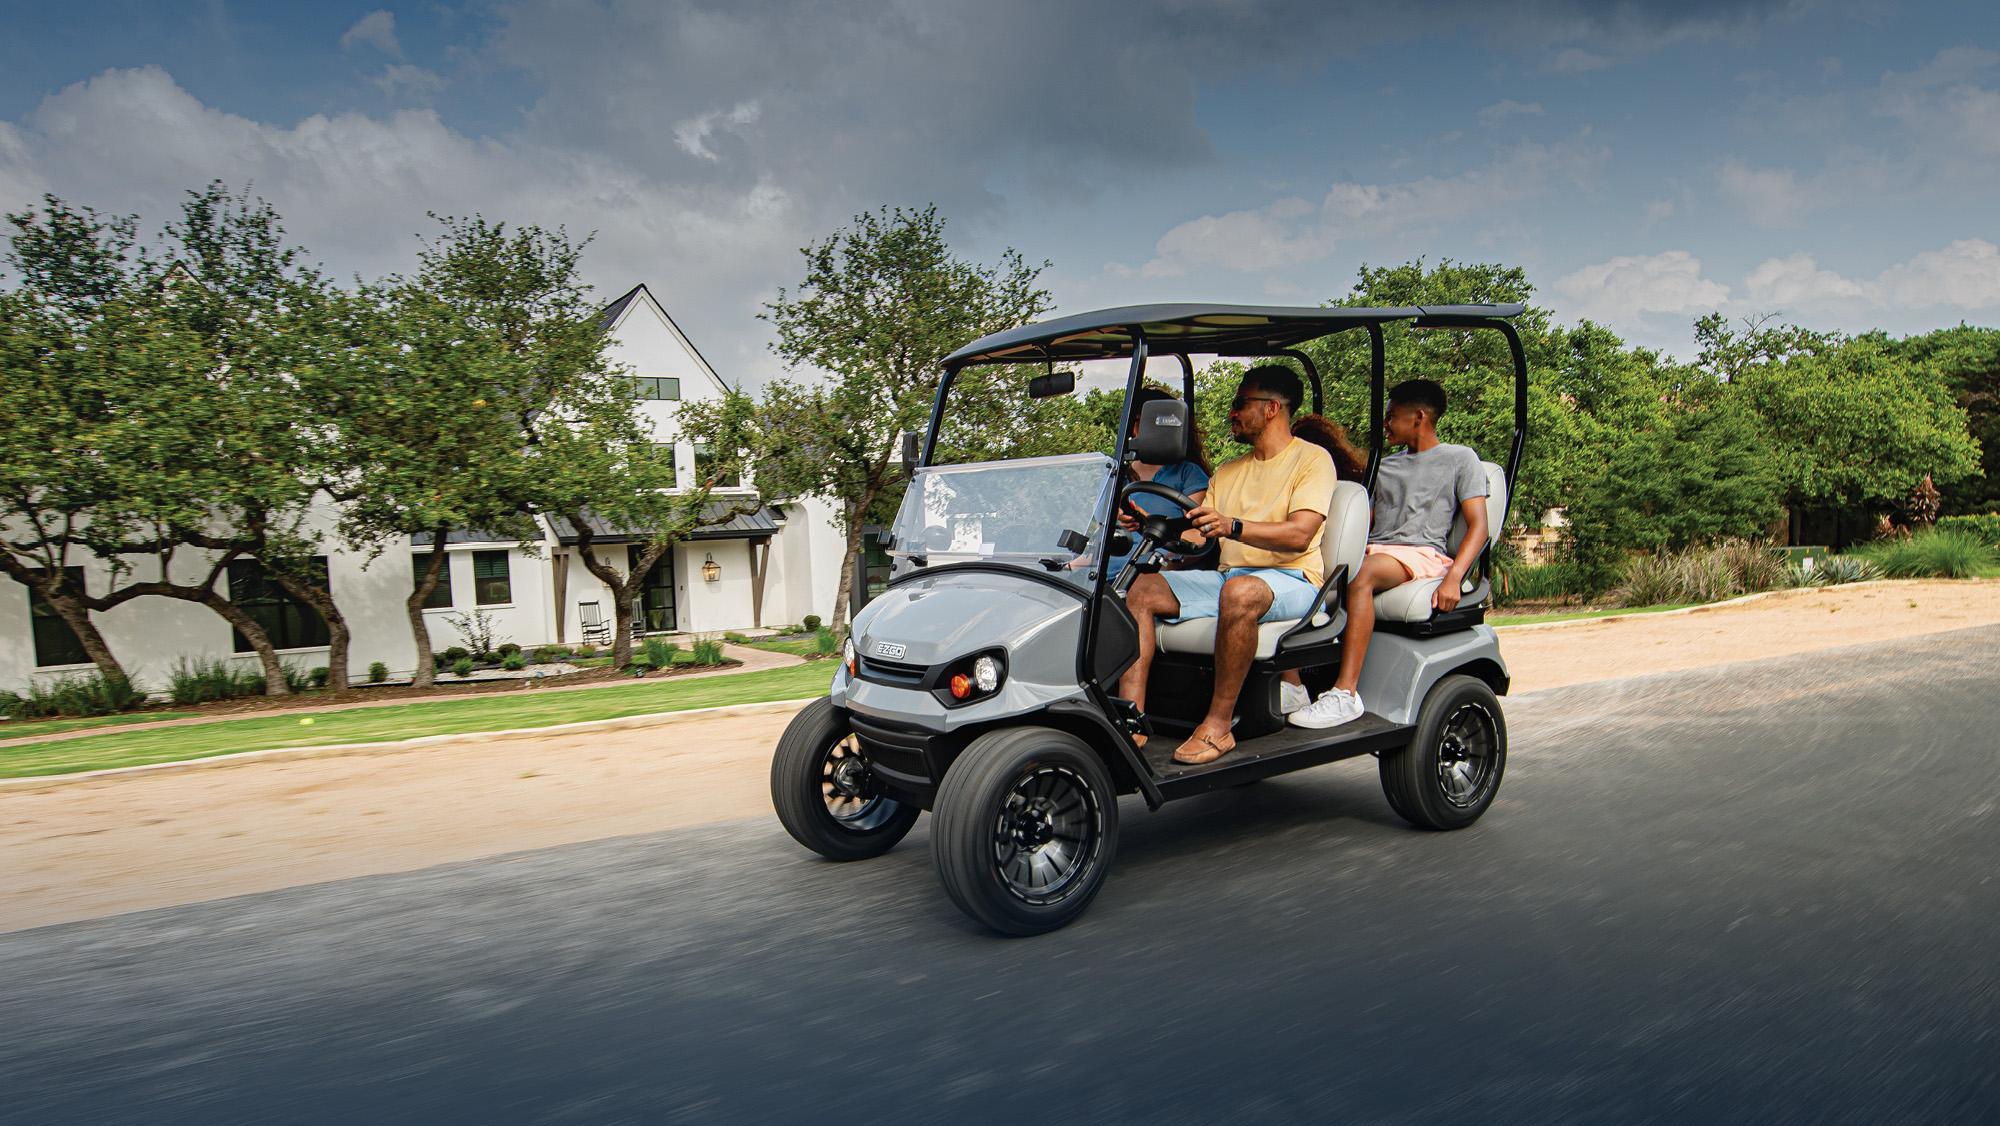 Liberty golf cart